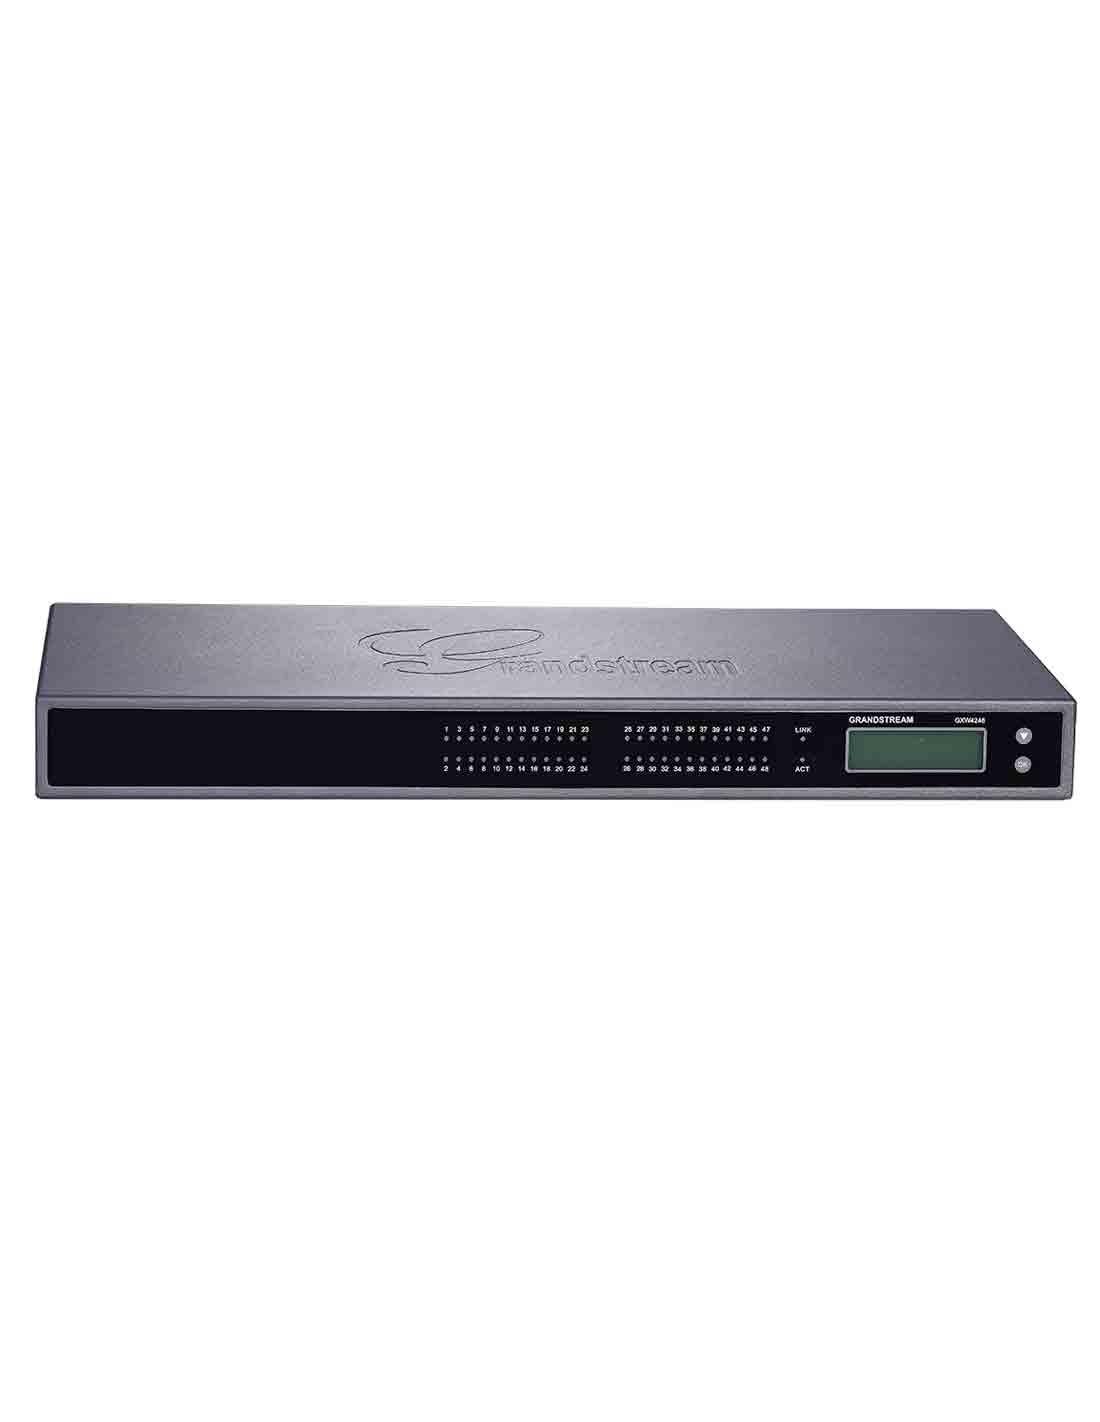 Grandstream GXW4248 FXS IP Gateway Dubai Online Store